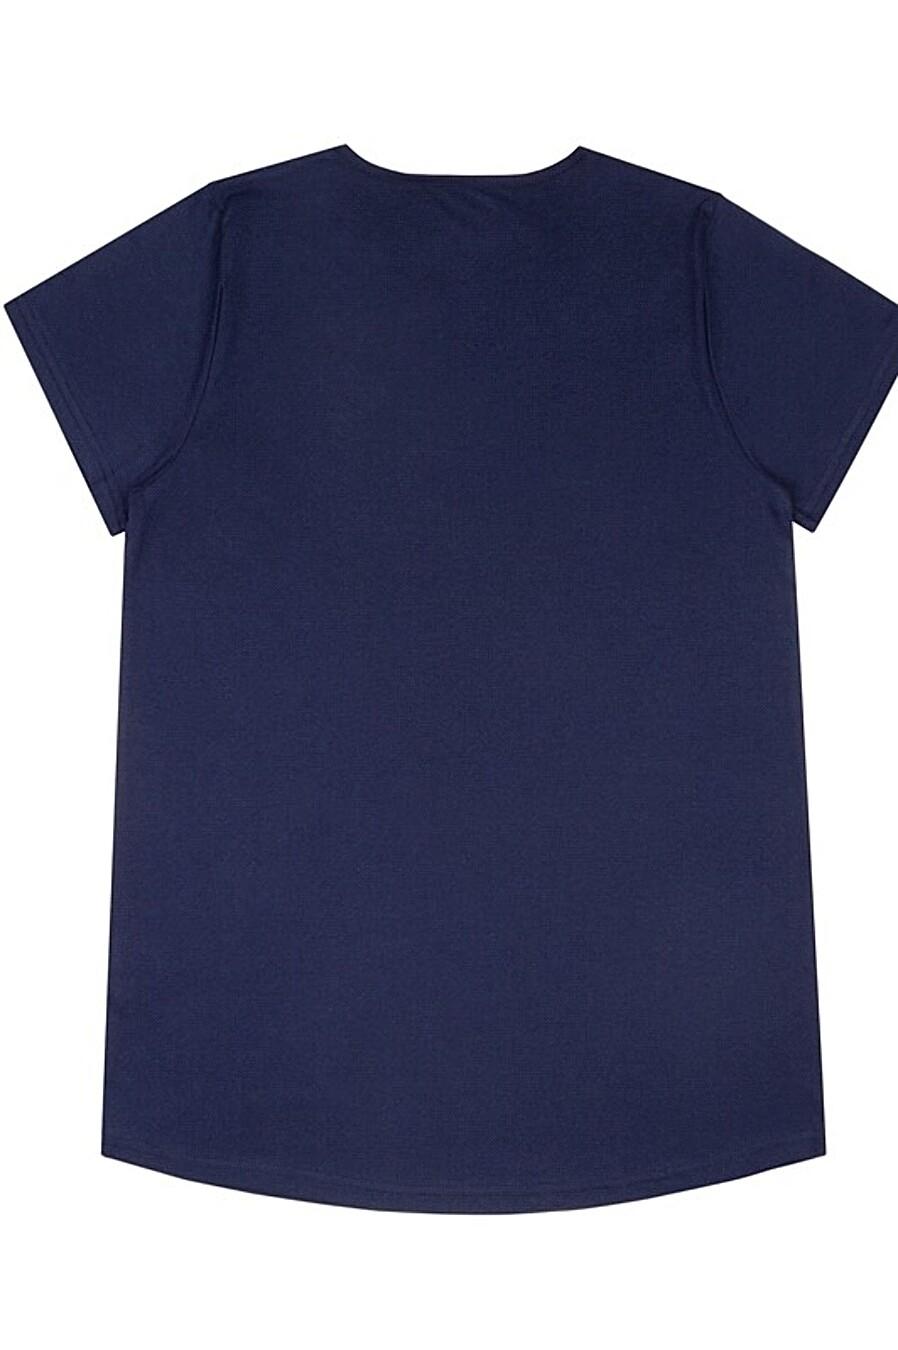 Футболка для женщин Archi 239145 купить оптом от производителя. Совместная покупка женской одежды в OptMoyo